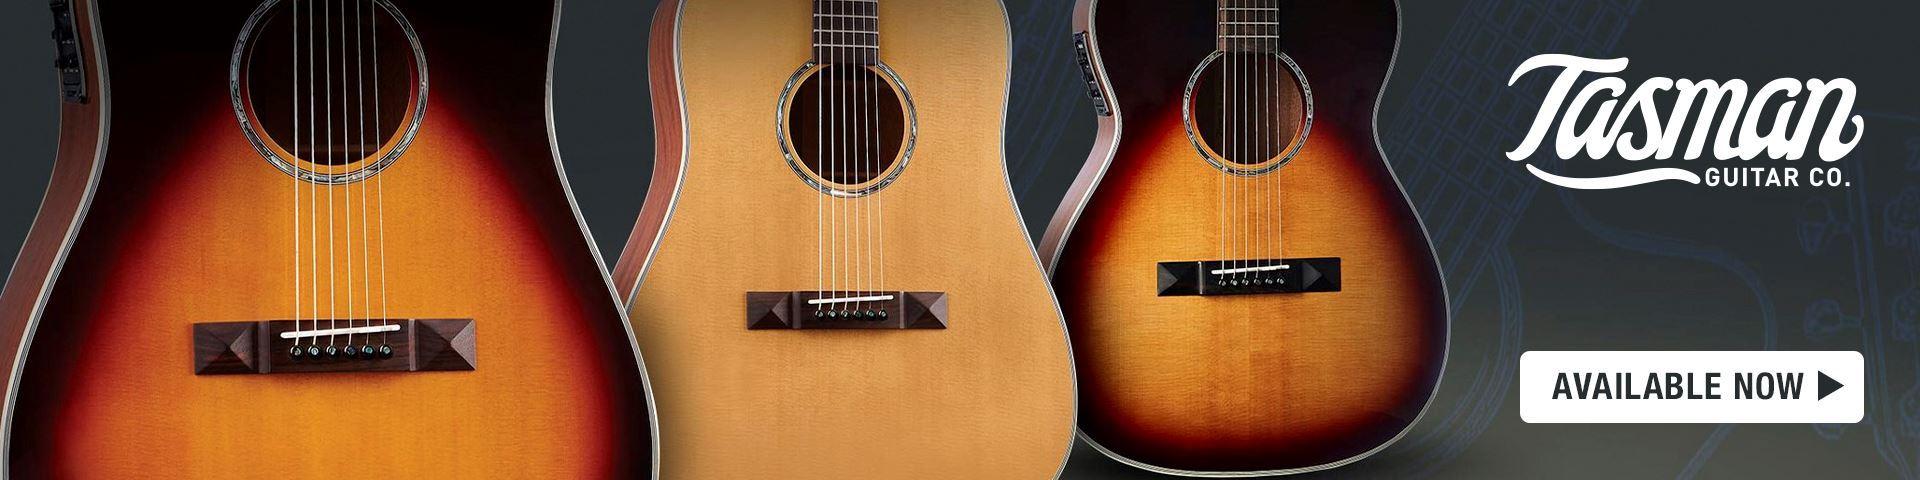 Tasman Acoustic Guitars at Mega Music, Perth.